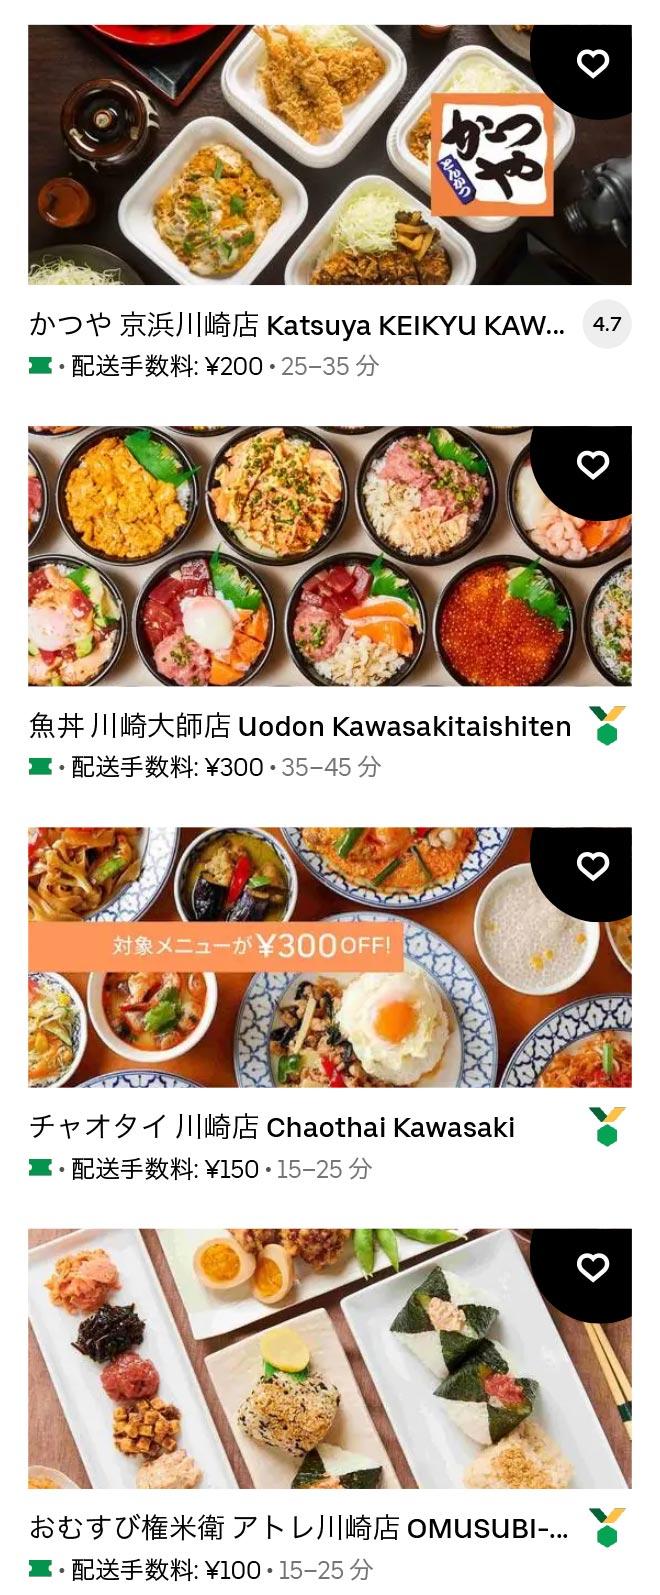 1 u kawasaki 2105 06